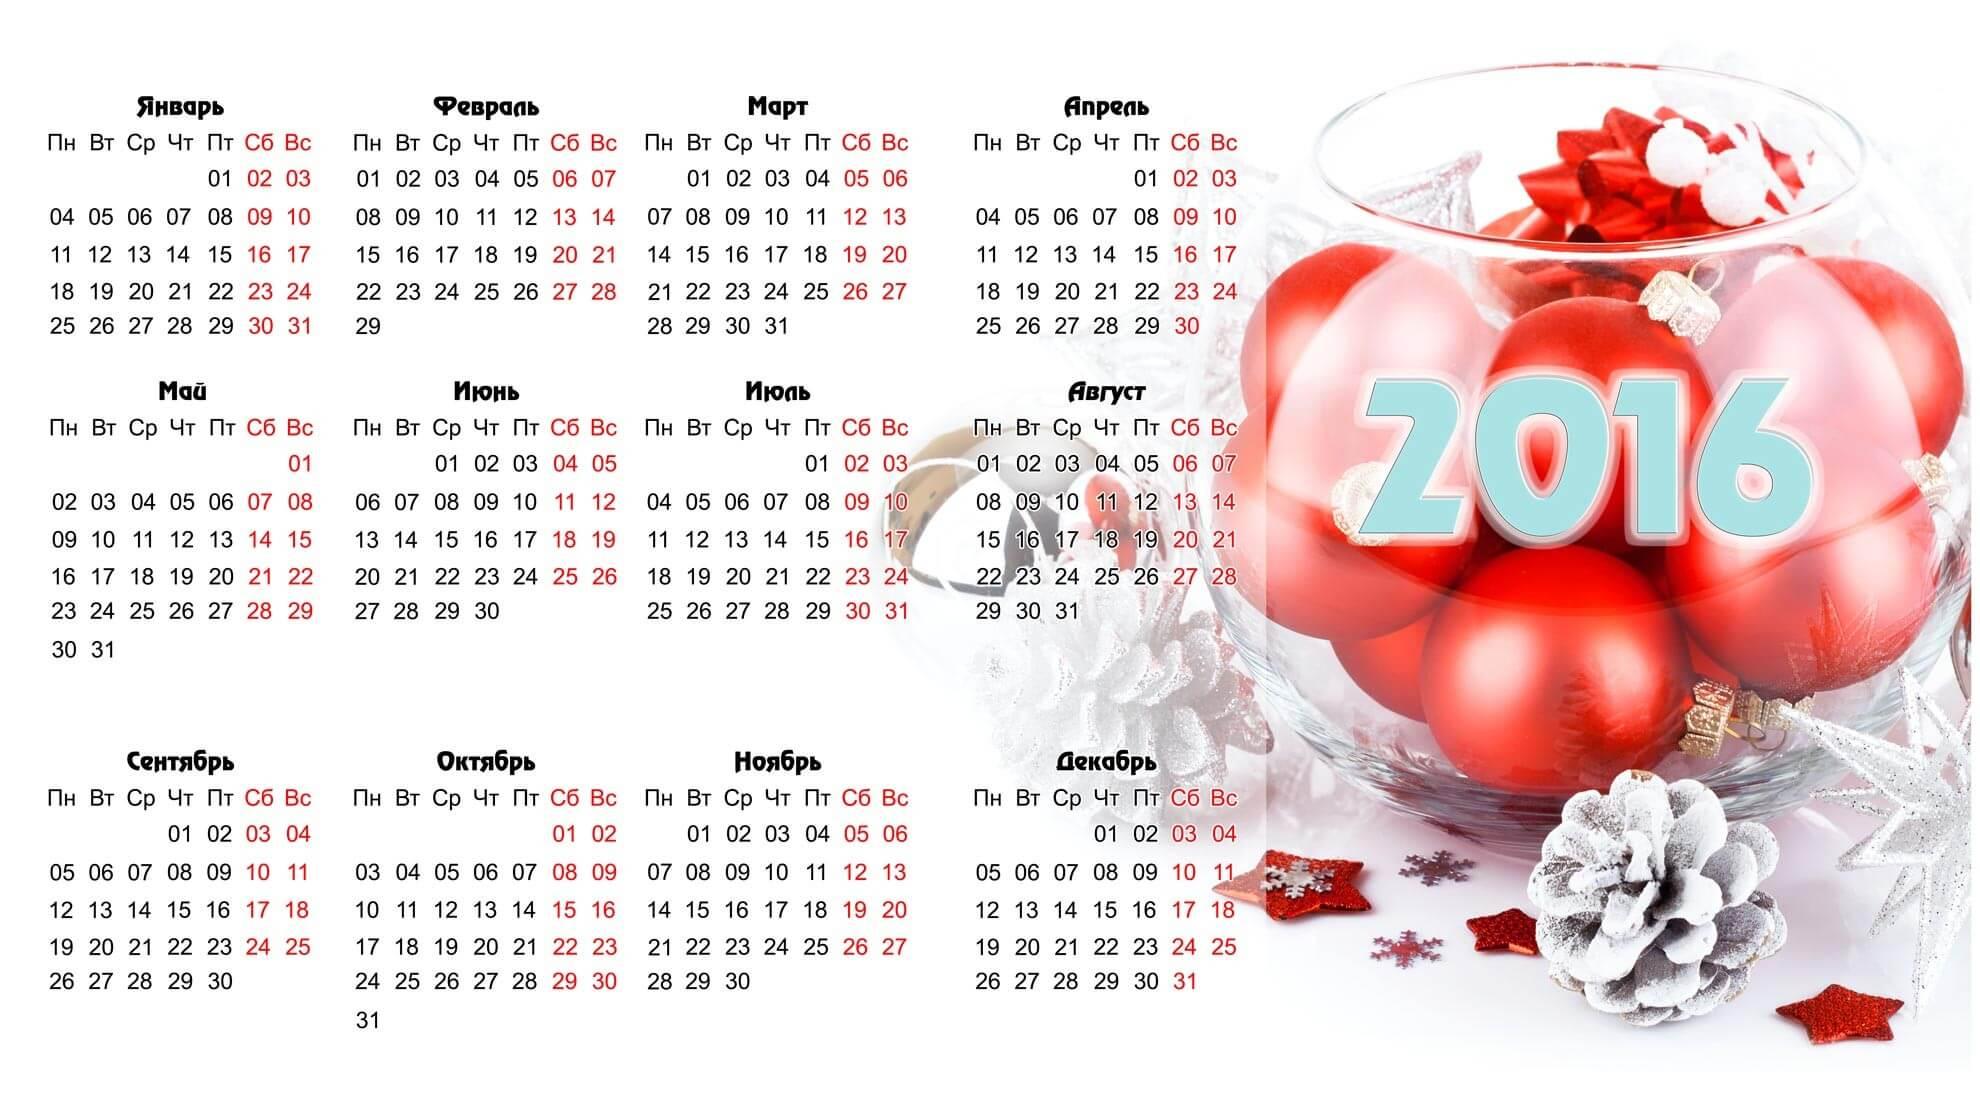 обои рабочего стола календарь октябрь 2016 № 1355618 бесплатно